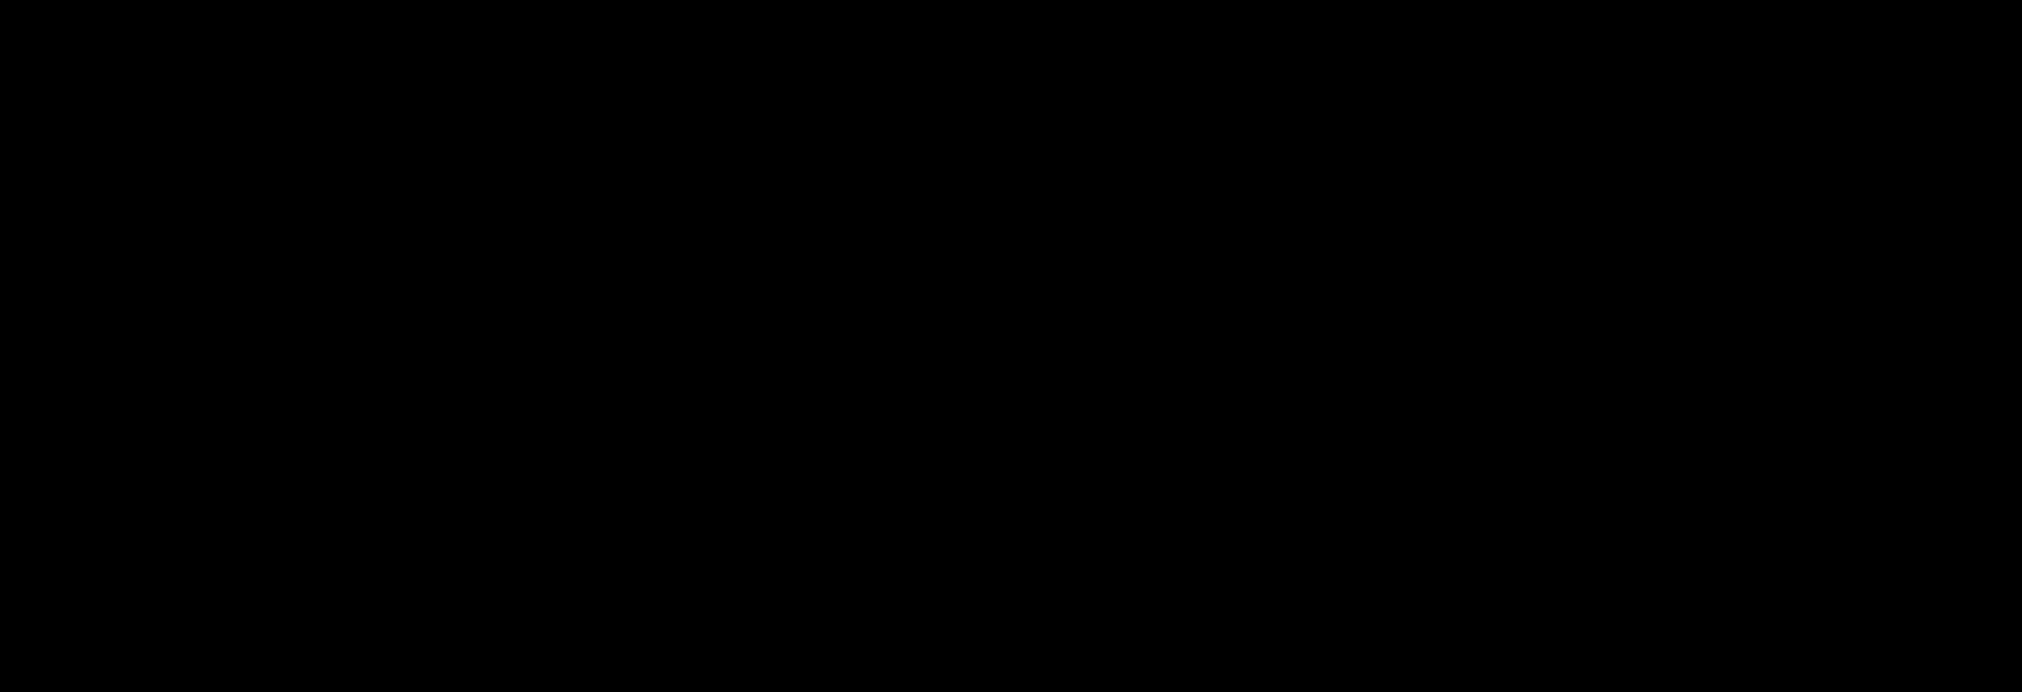 Isoxazole-curcumin-d<sub>6</sub>